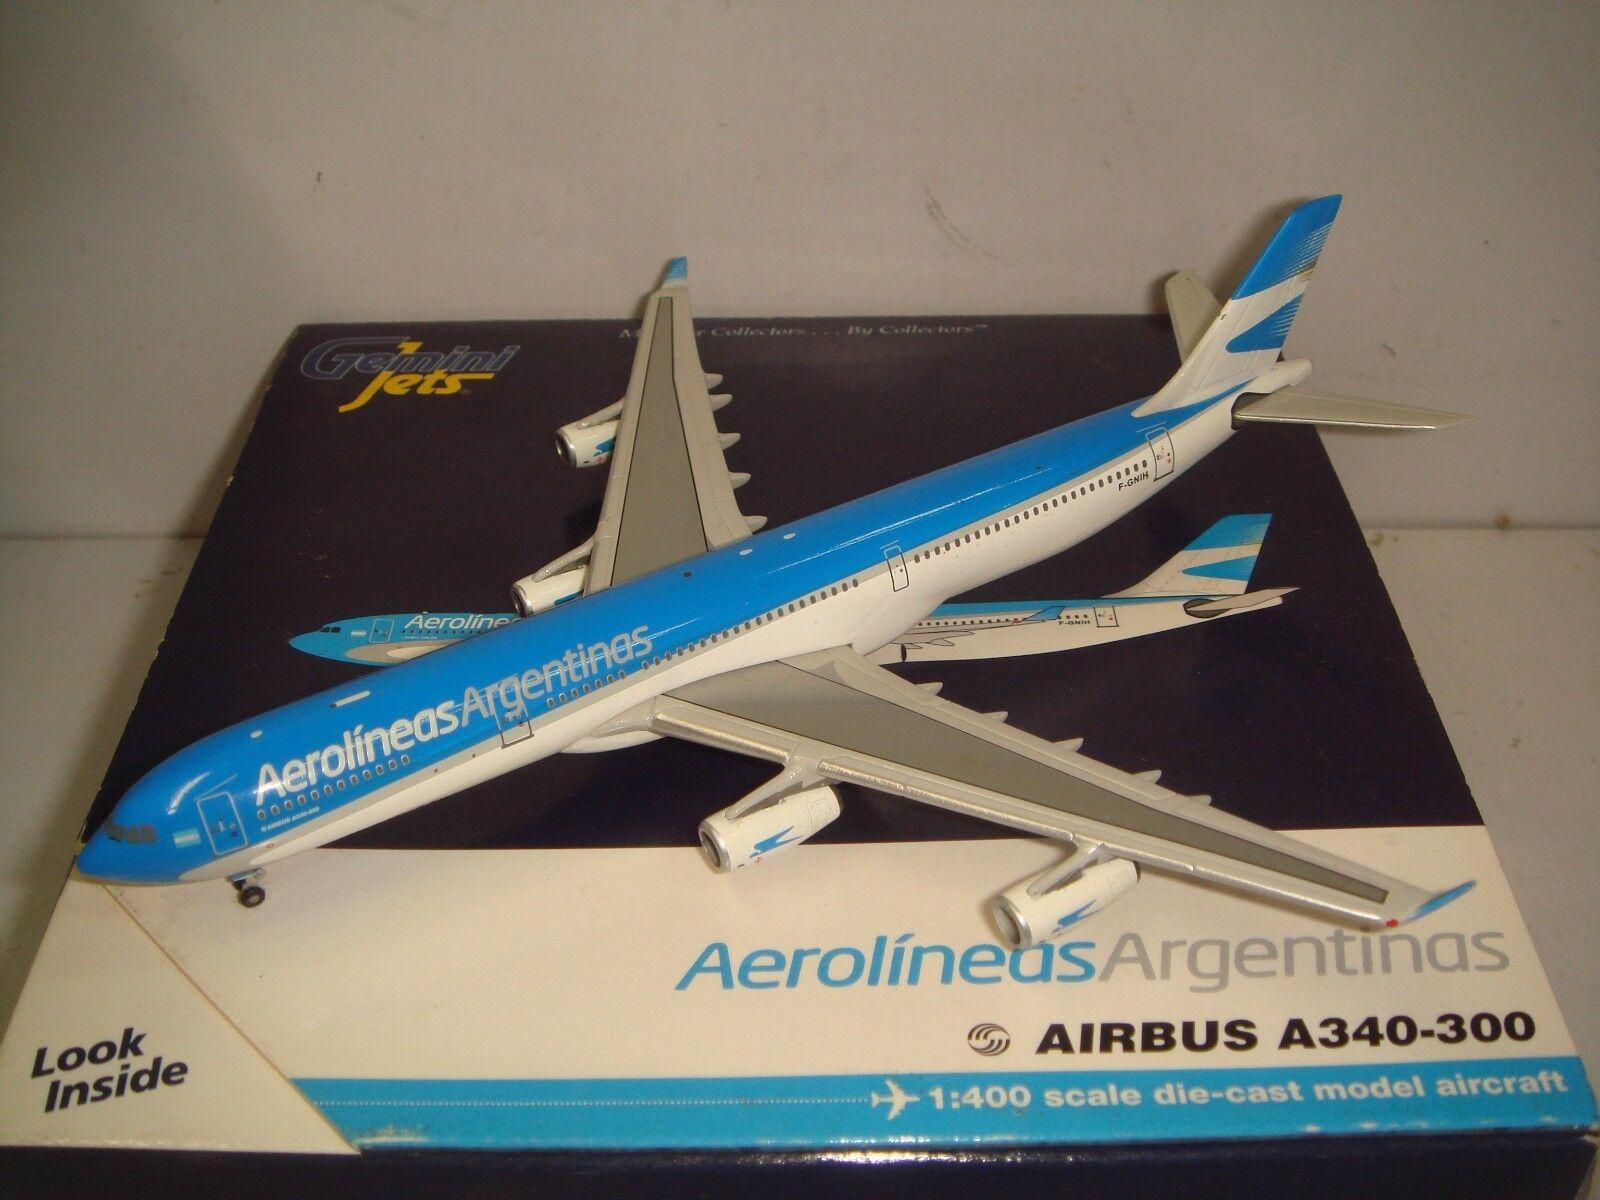 Gemini jets 400 aerolineas Silberinas a340 - 300